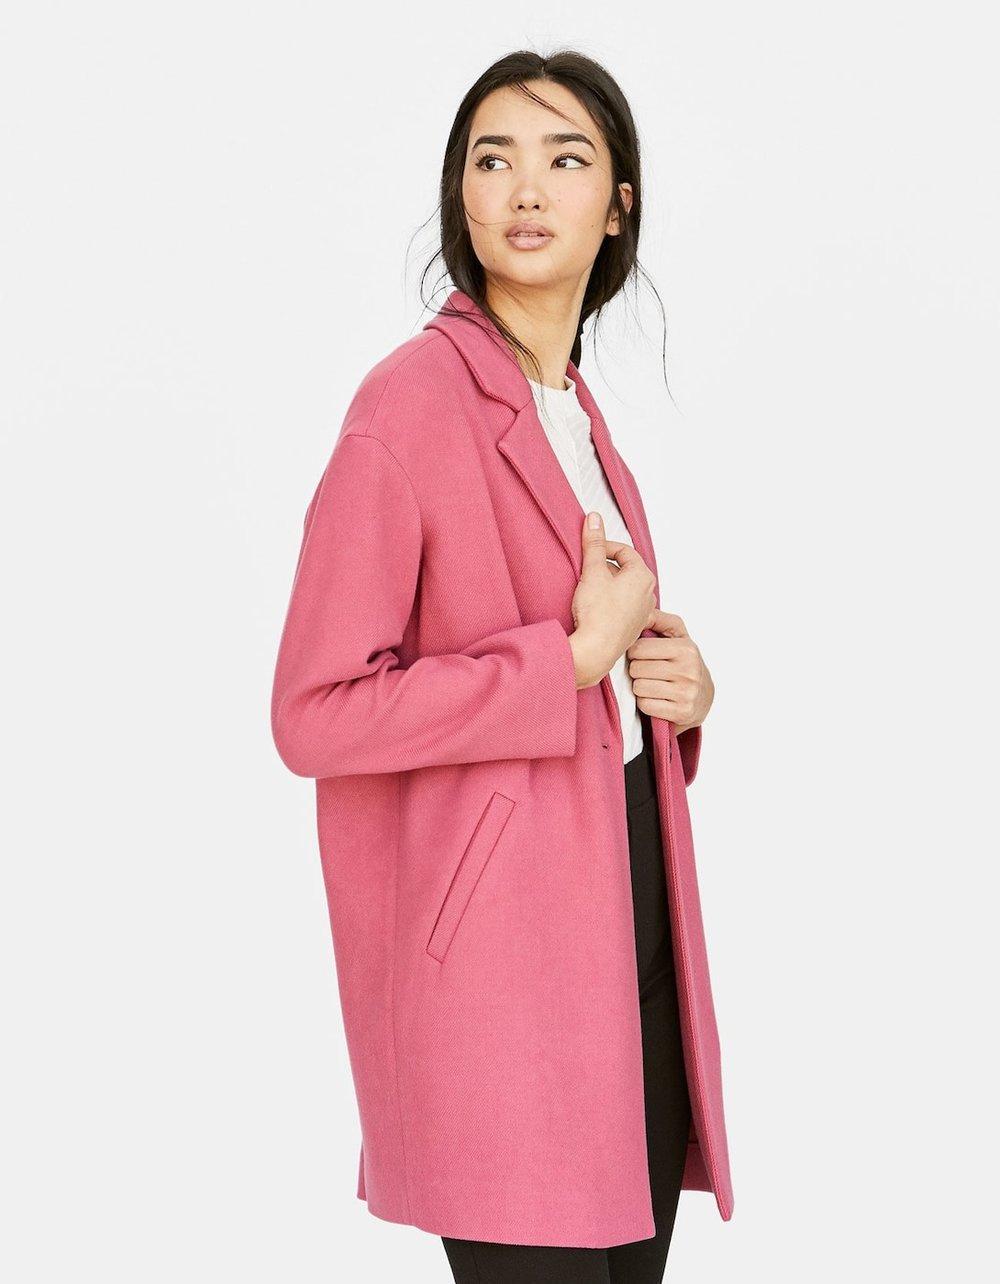 MINIMALIST - And if they are oversized in a solid color, BETTER!Abrigos oversized con un estilo minimalista. Y si son en colores sólidos ¡MUCHO MEJOR!